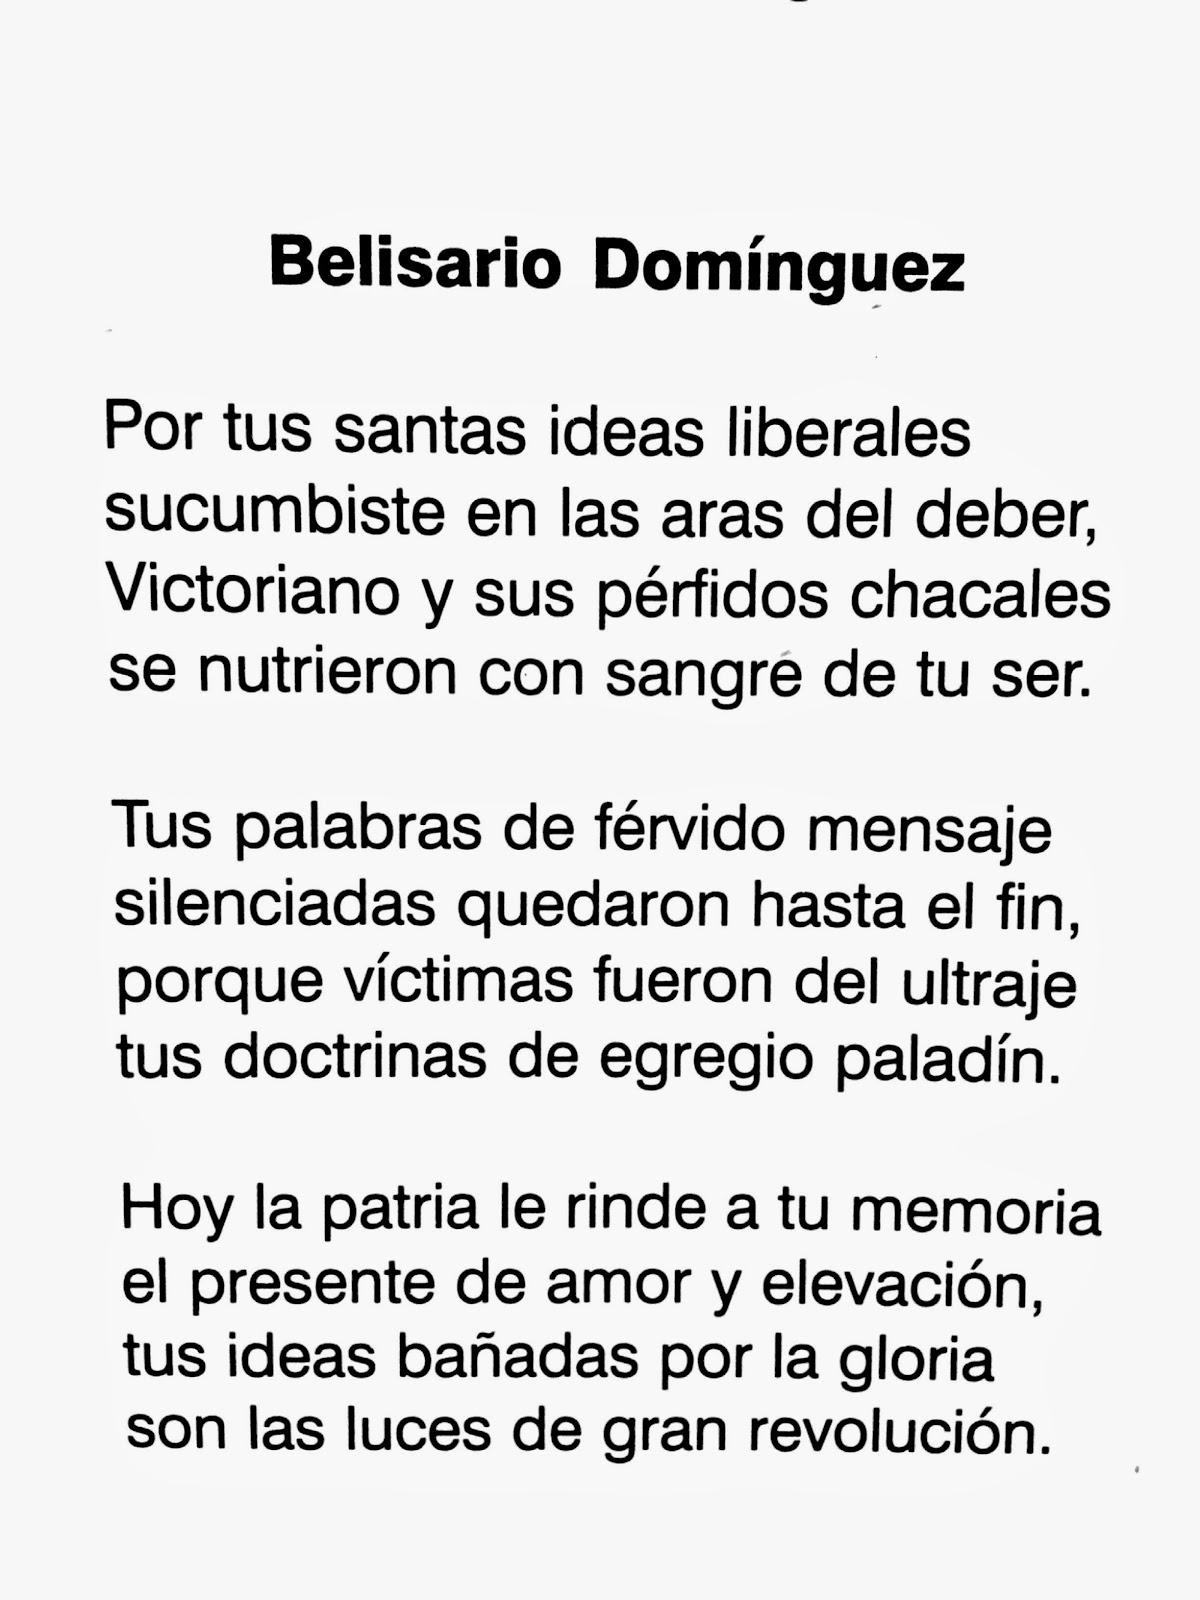 Poesía a Belisario Dominguez